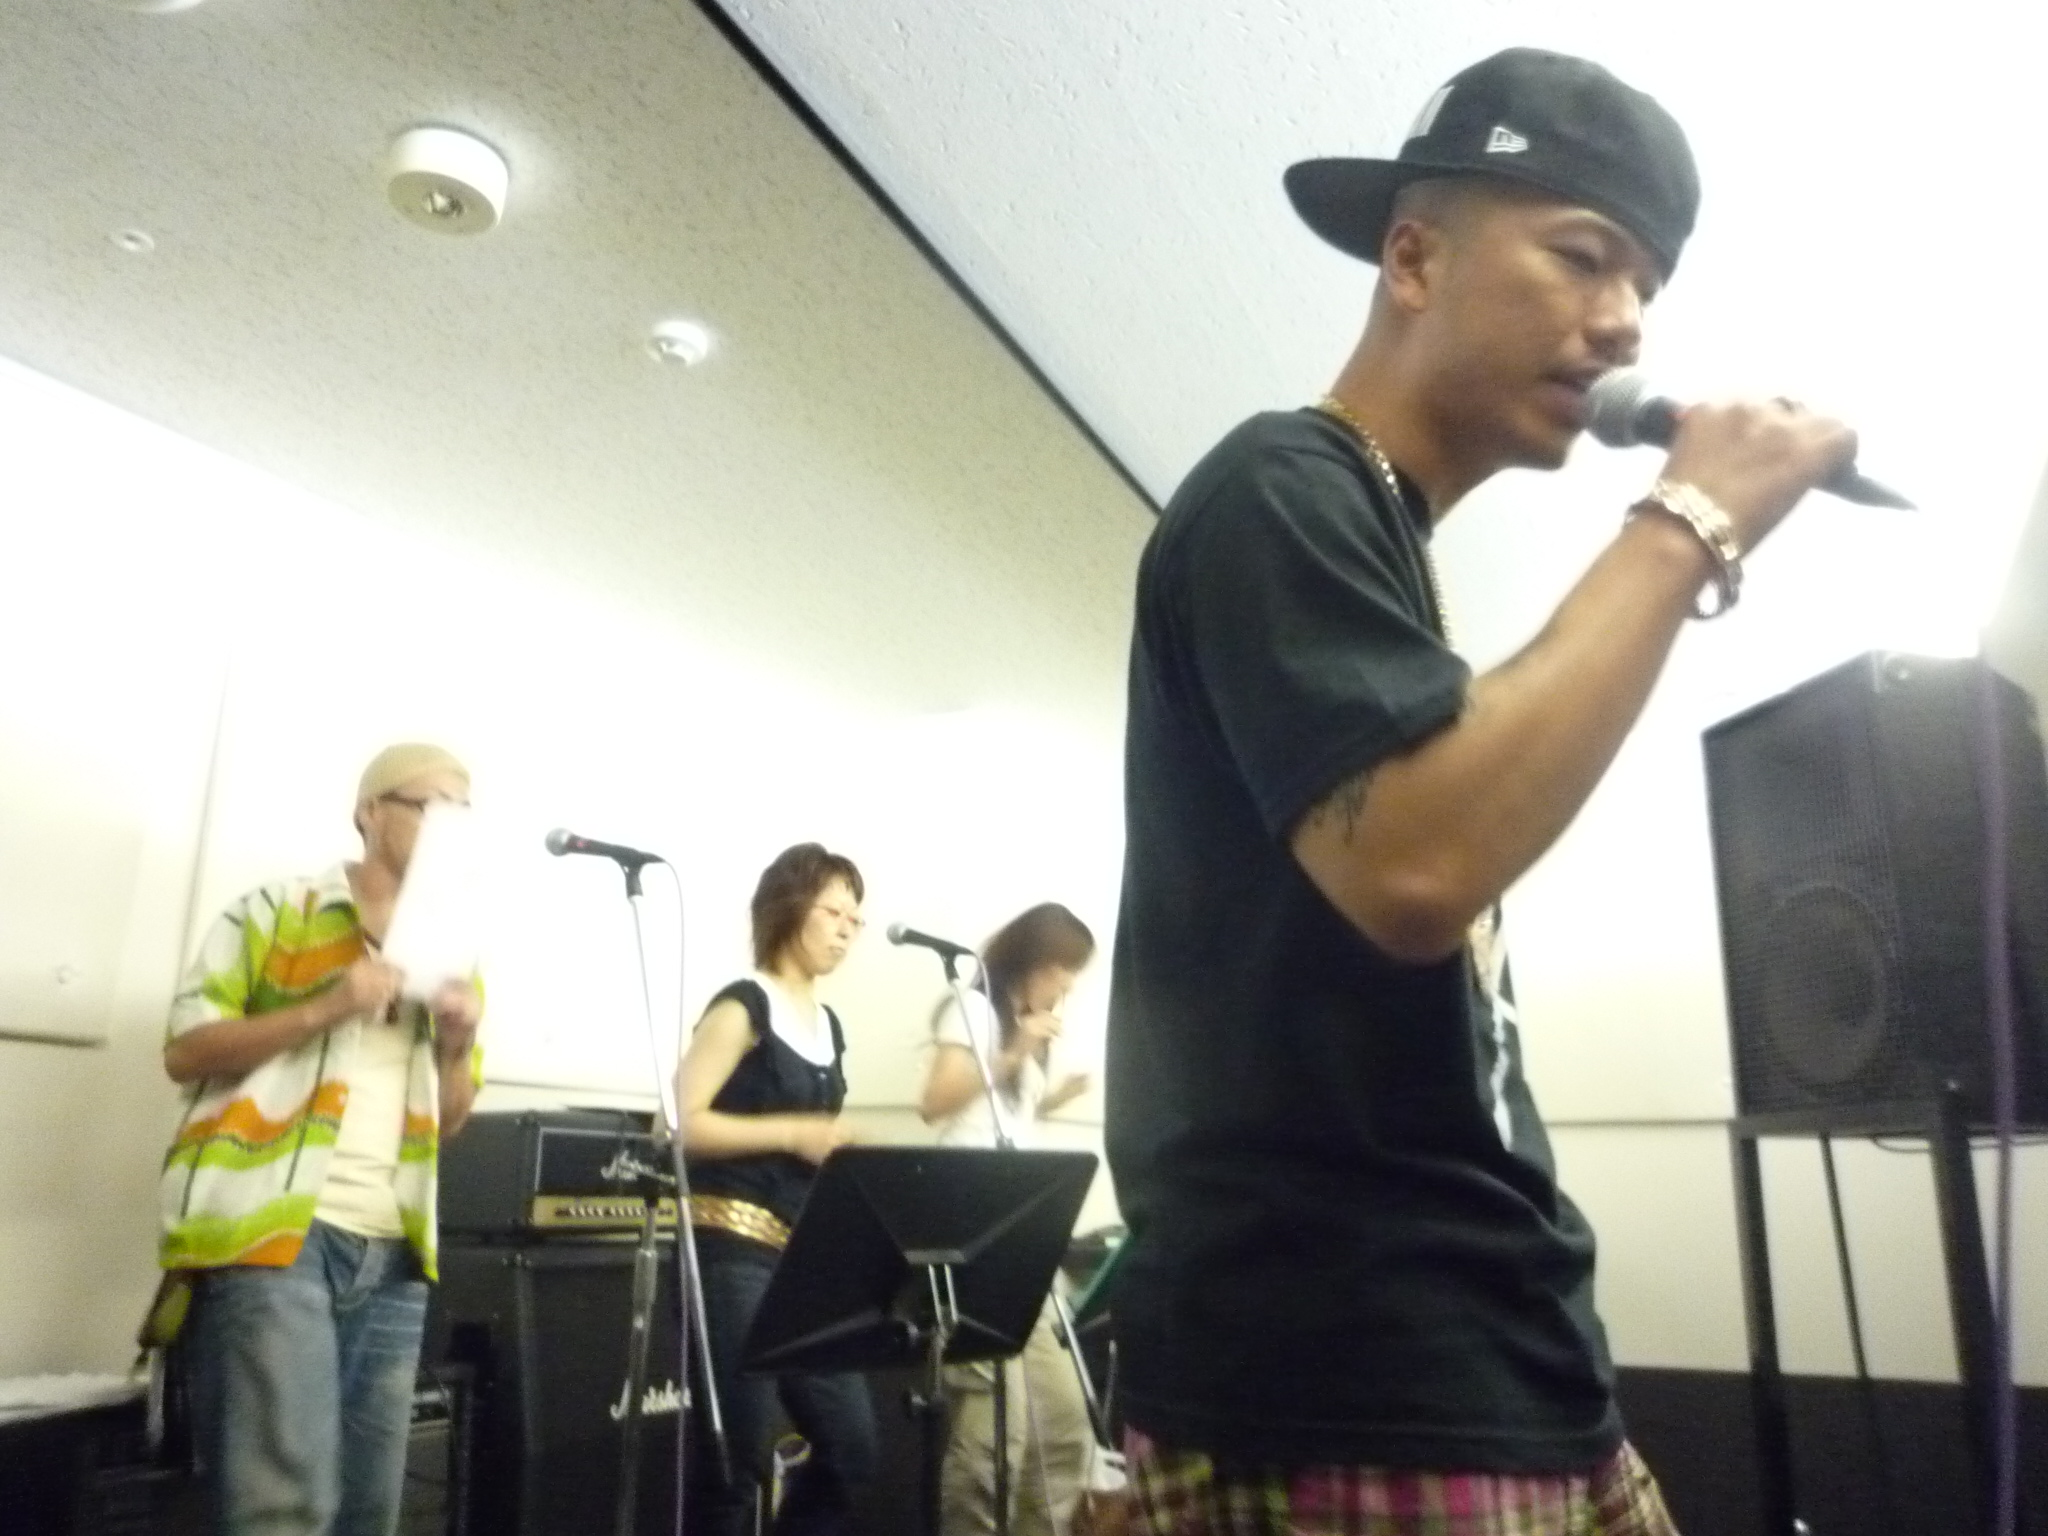 コーラス隊 SECRET LOVEでお馴染み 尾崎真希さん率いるコーラス隊との打ち合...  l